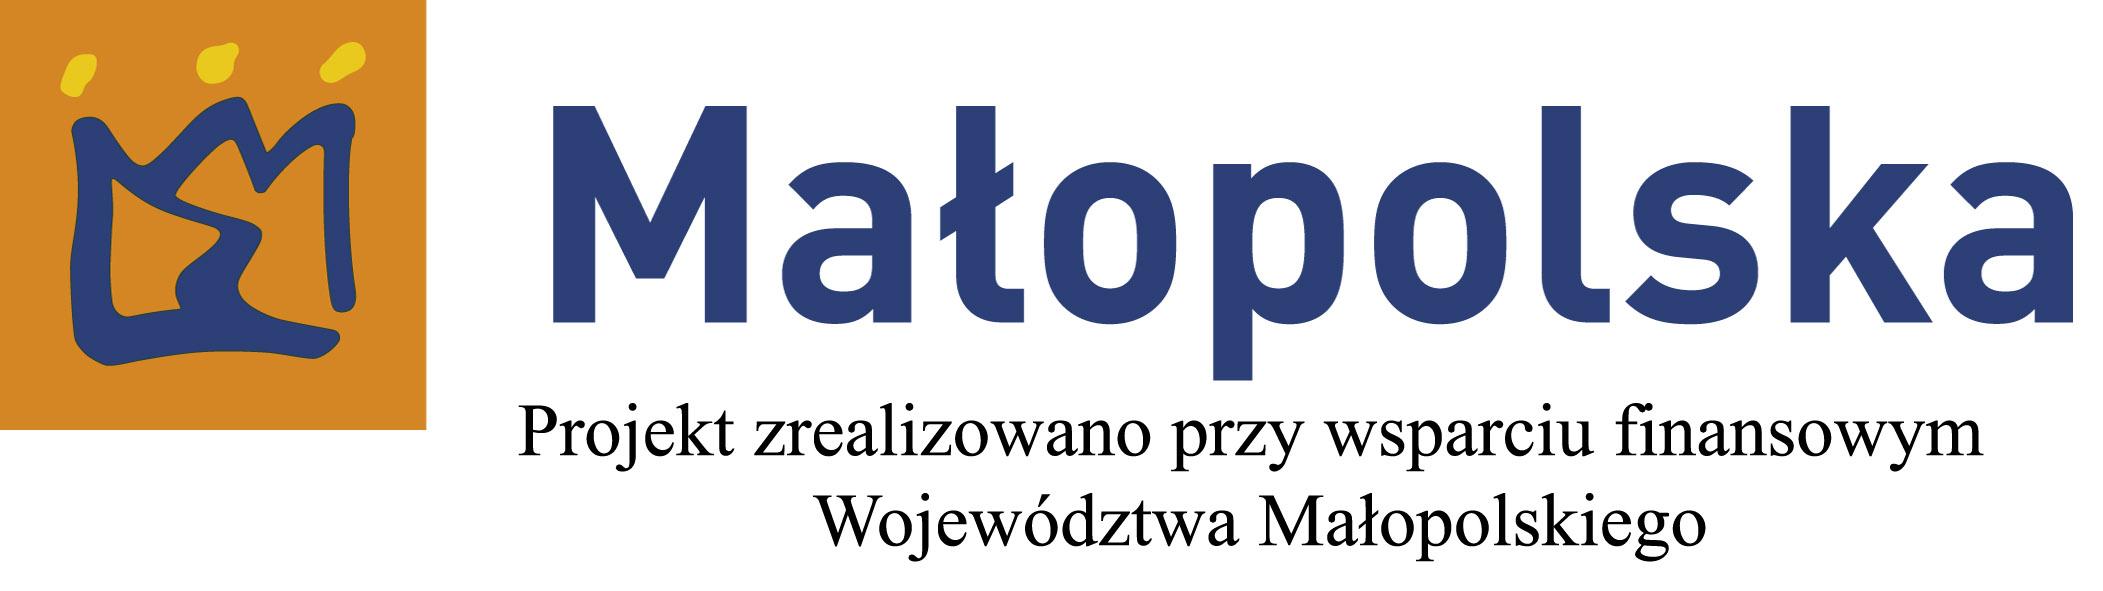 logo_woj_malopolskie